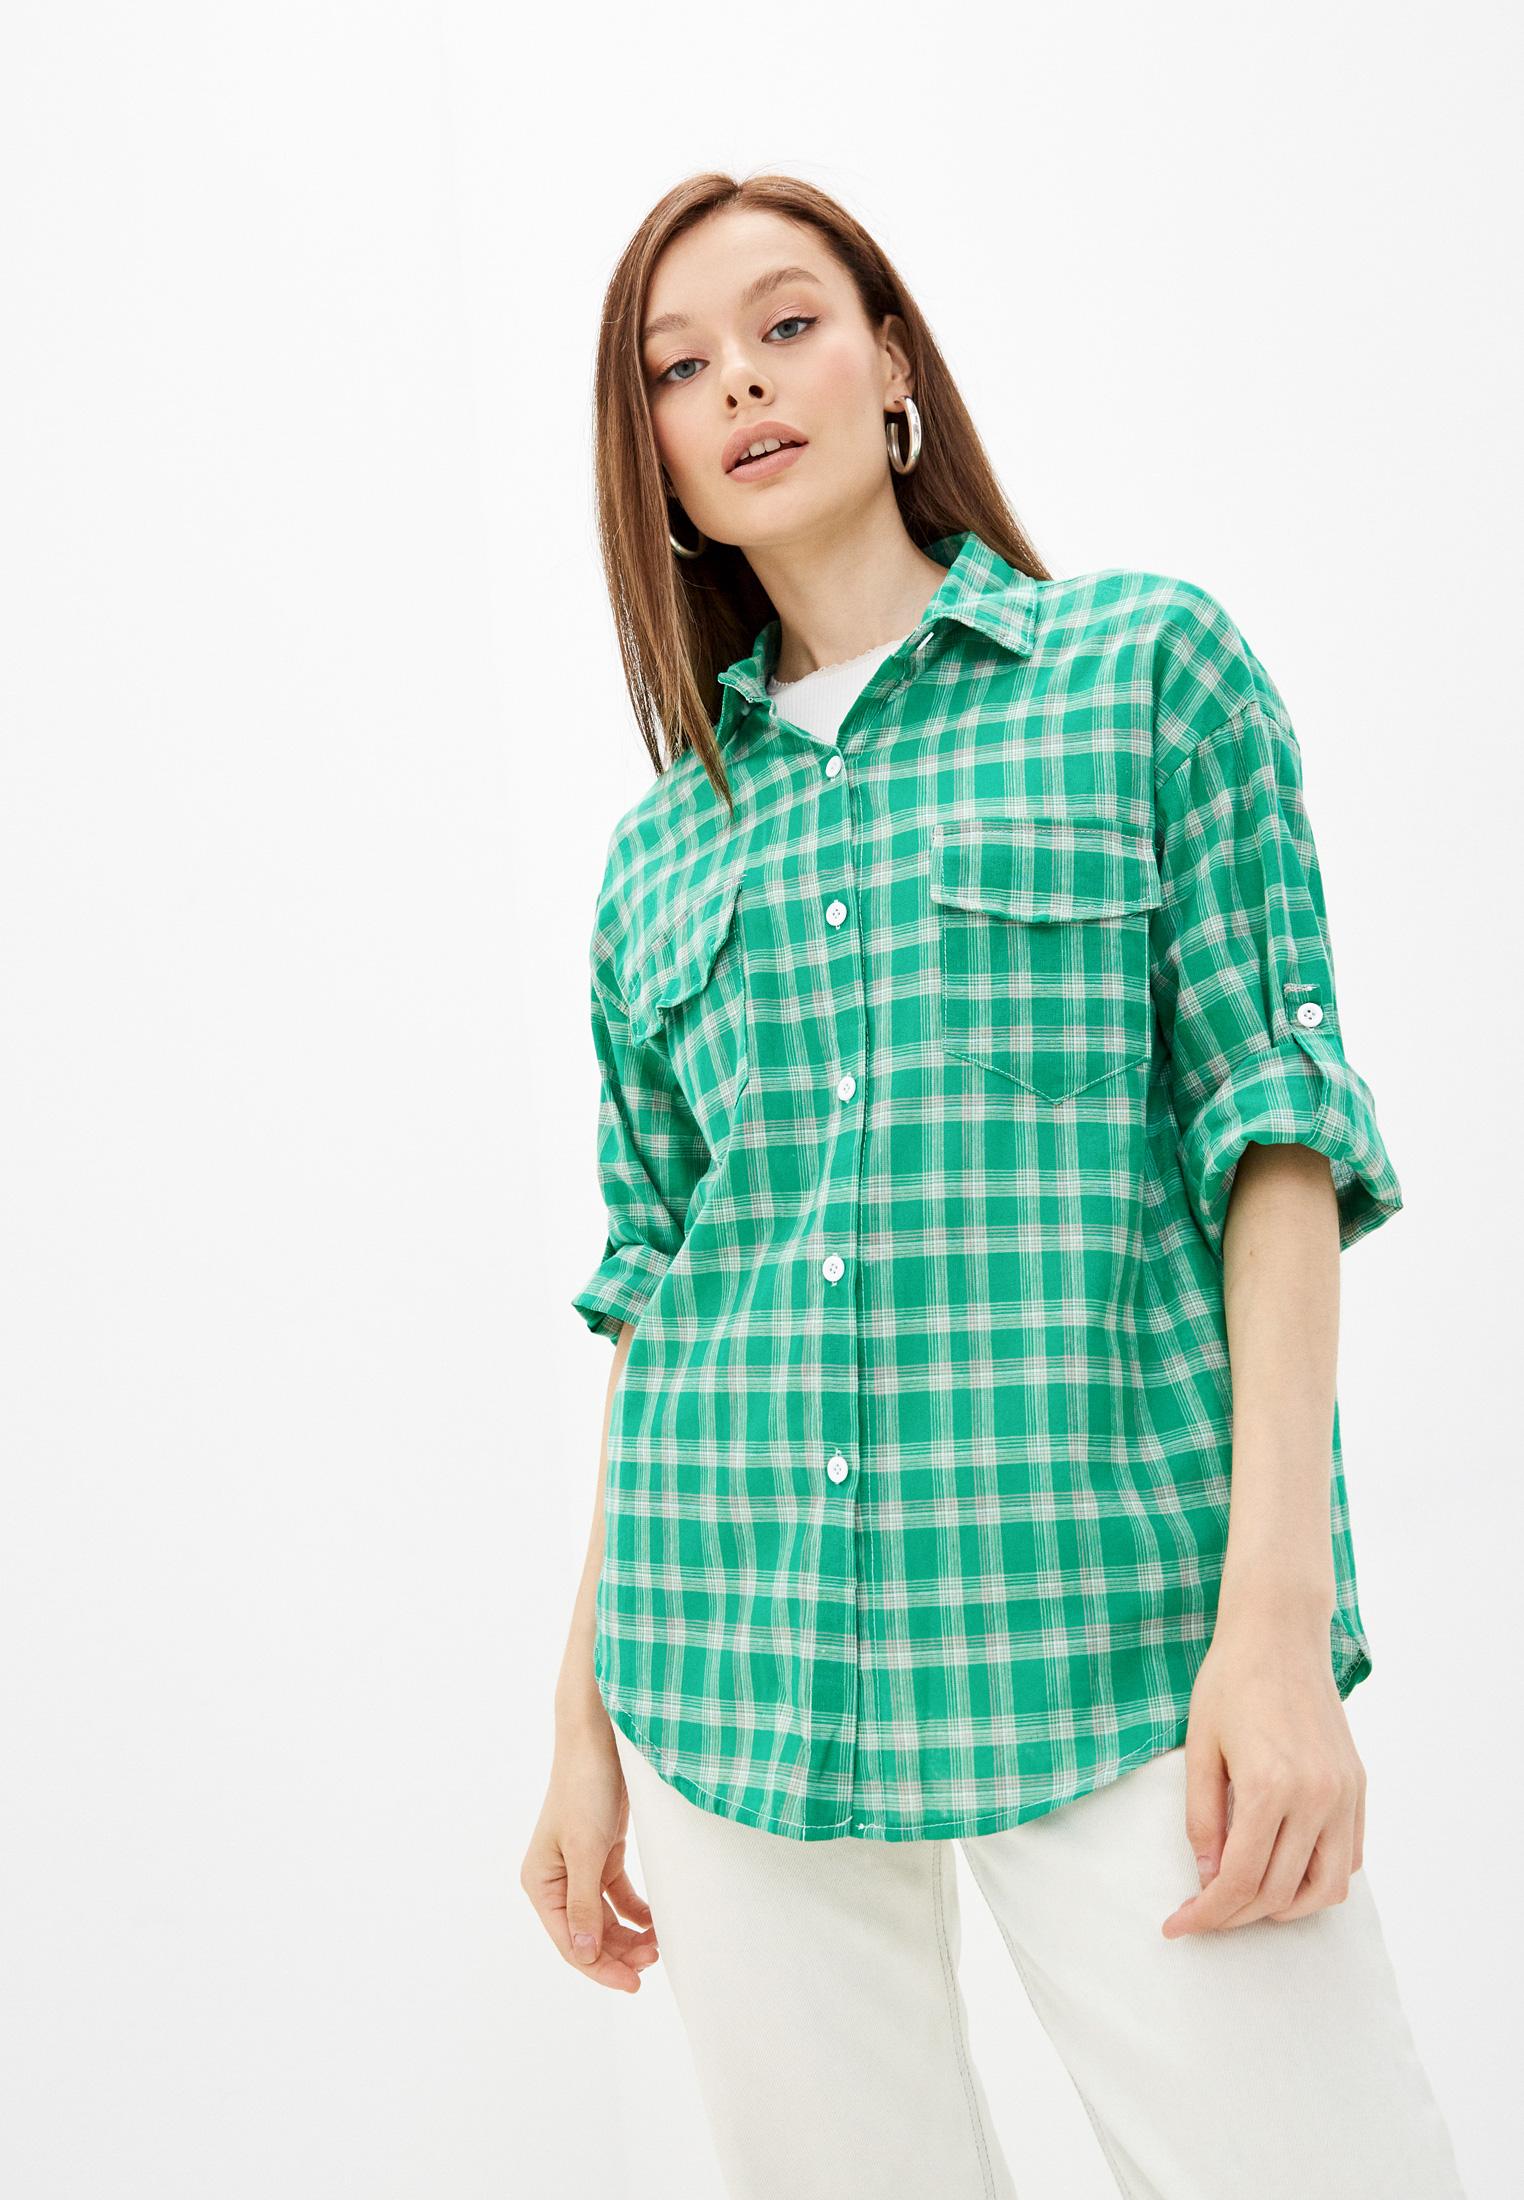 Женские рубашки с длинным рукавом Lakressi Рубашка Lakressi